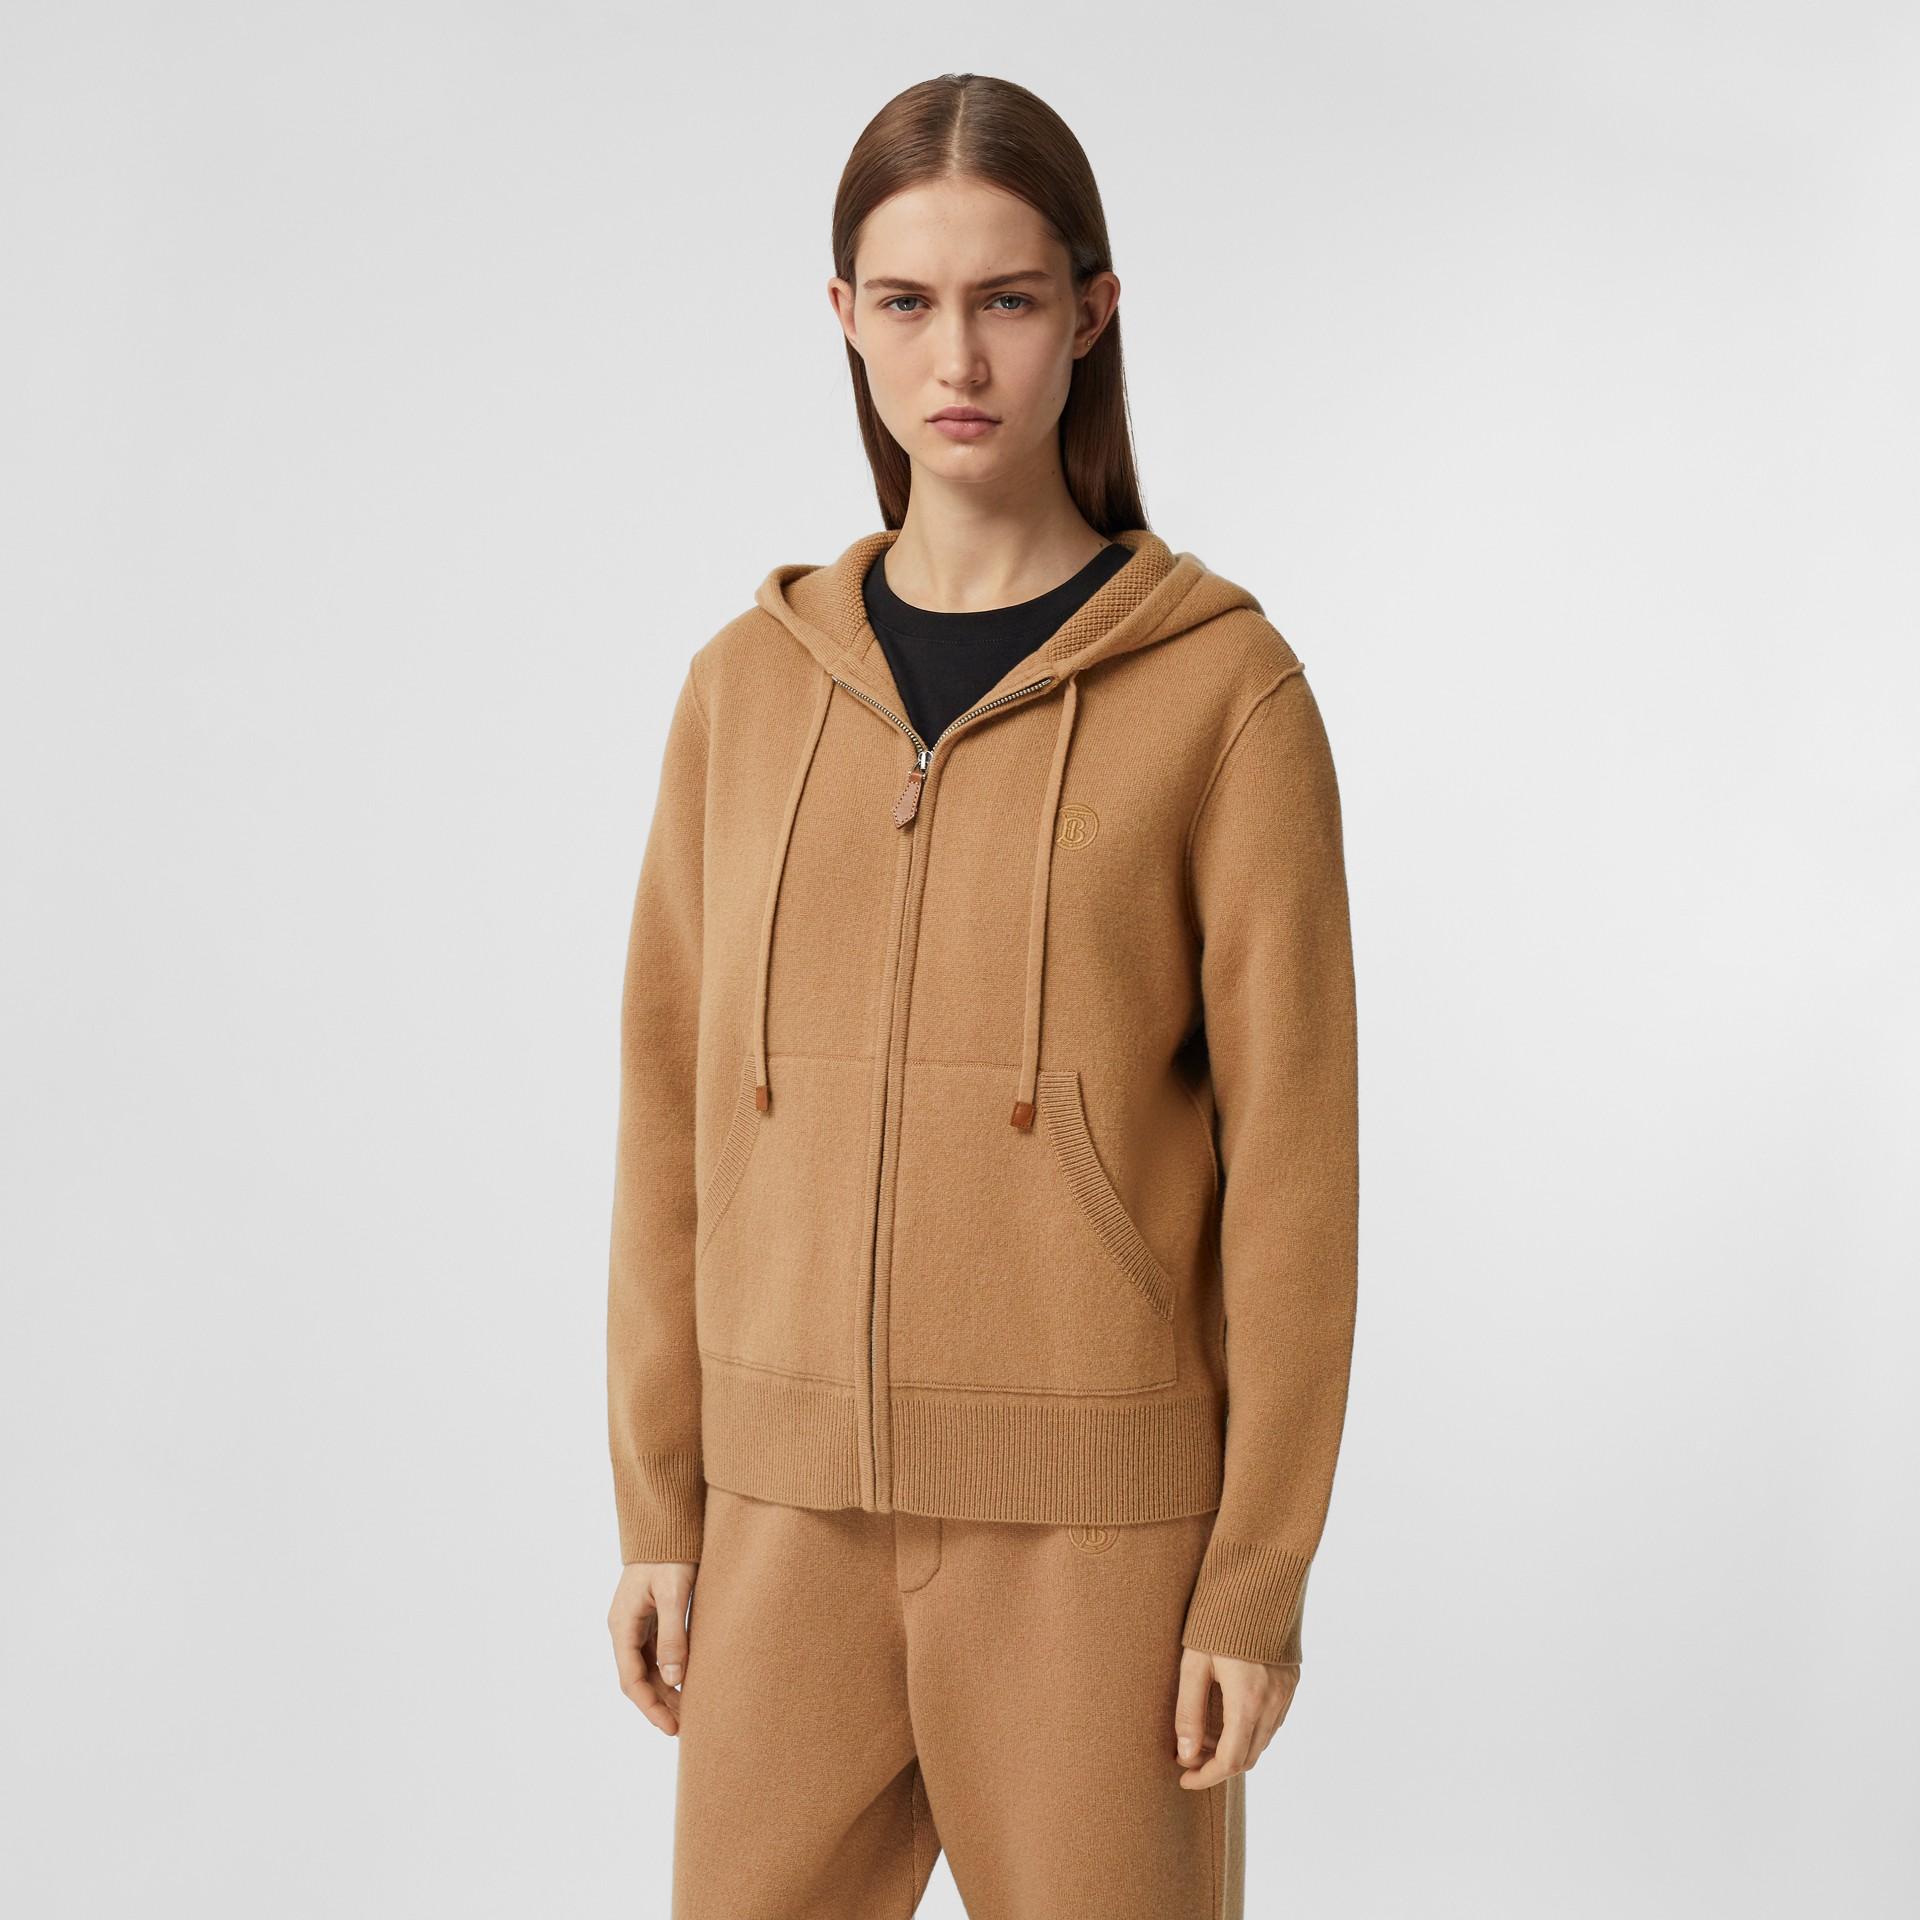 Blusa com capuz de cashmere com monograma (Camel) - Mulheres | Burberry - galeria de imagens 5